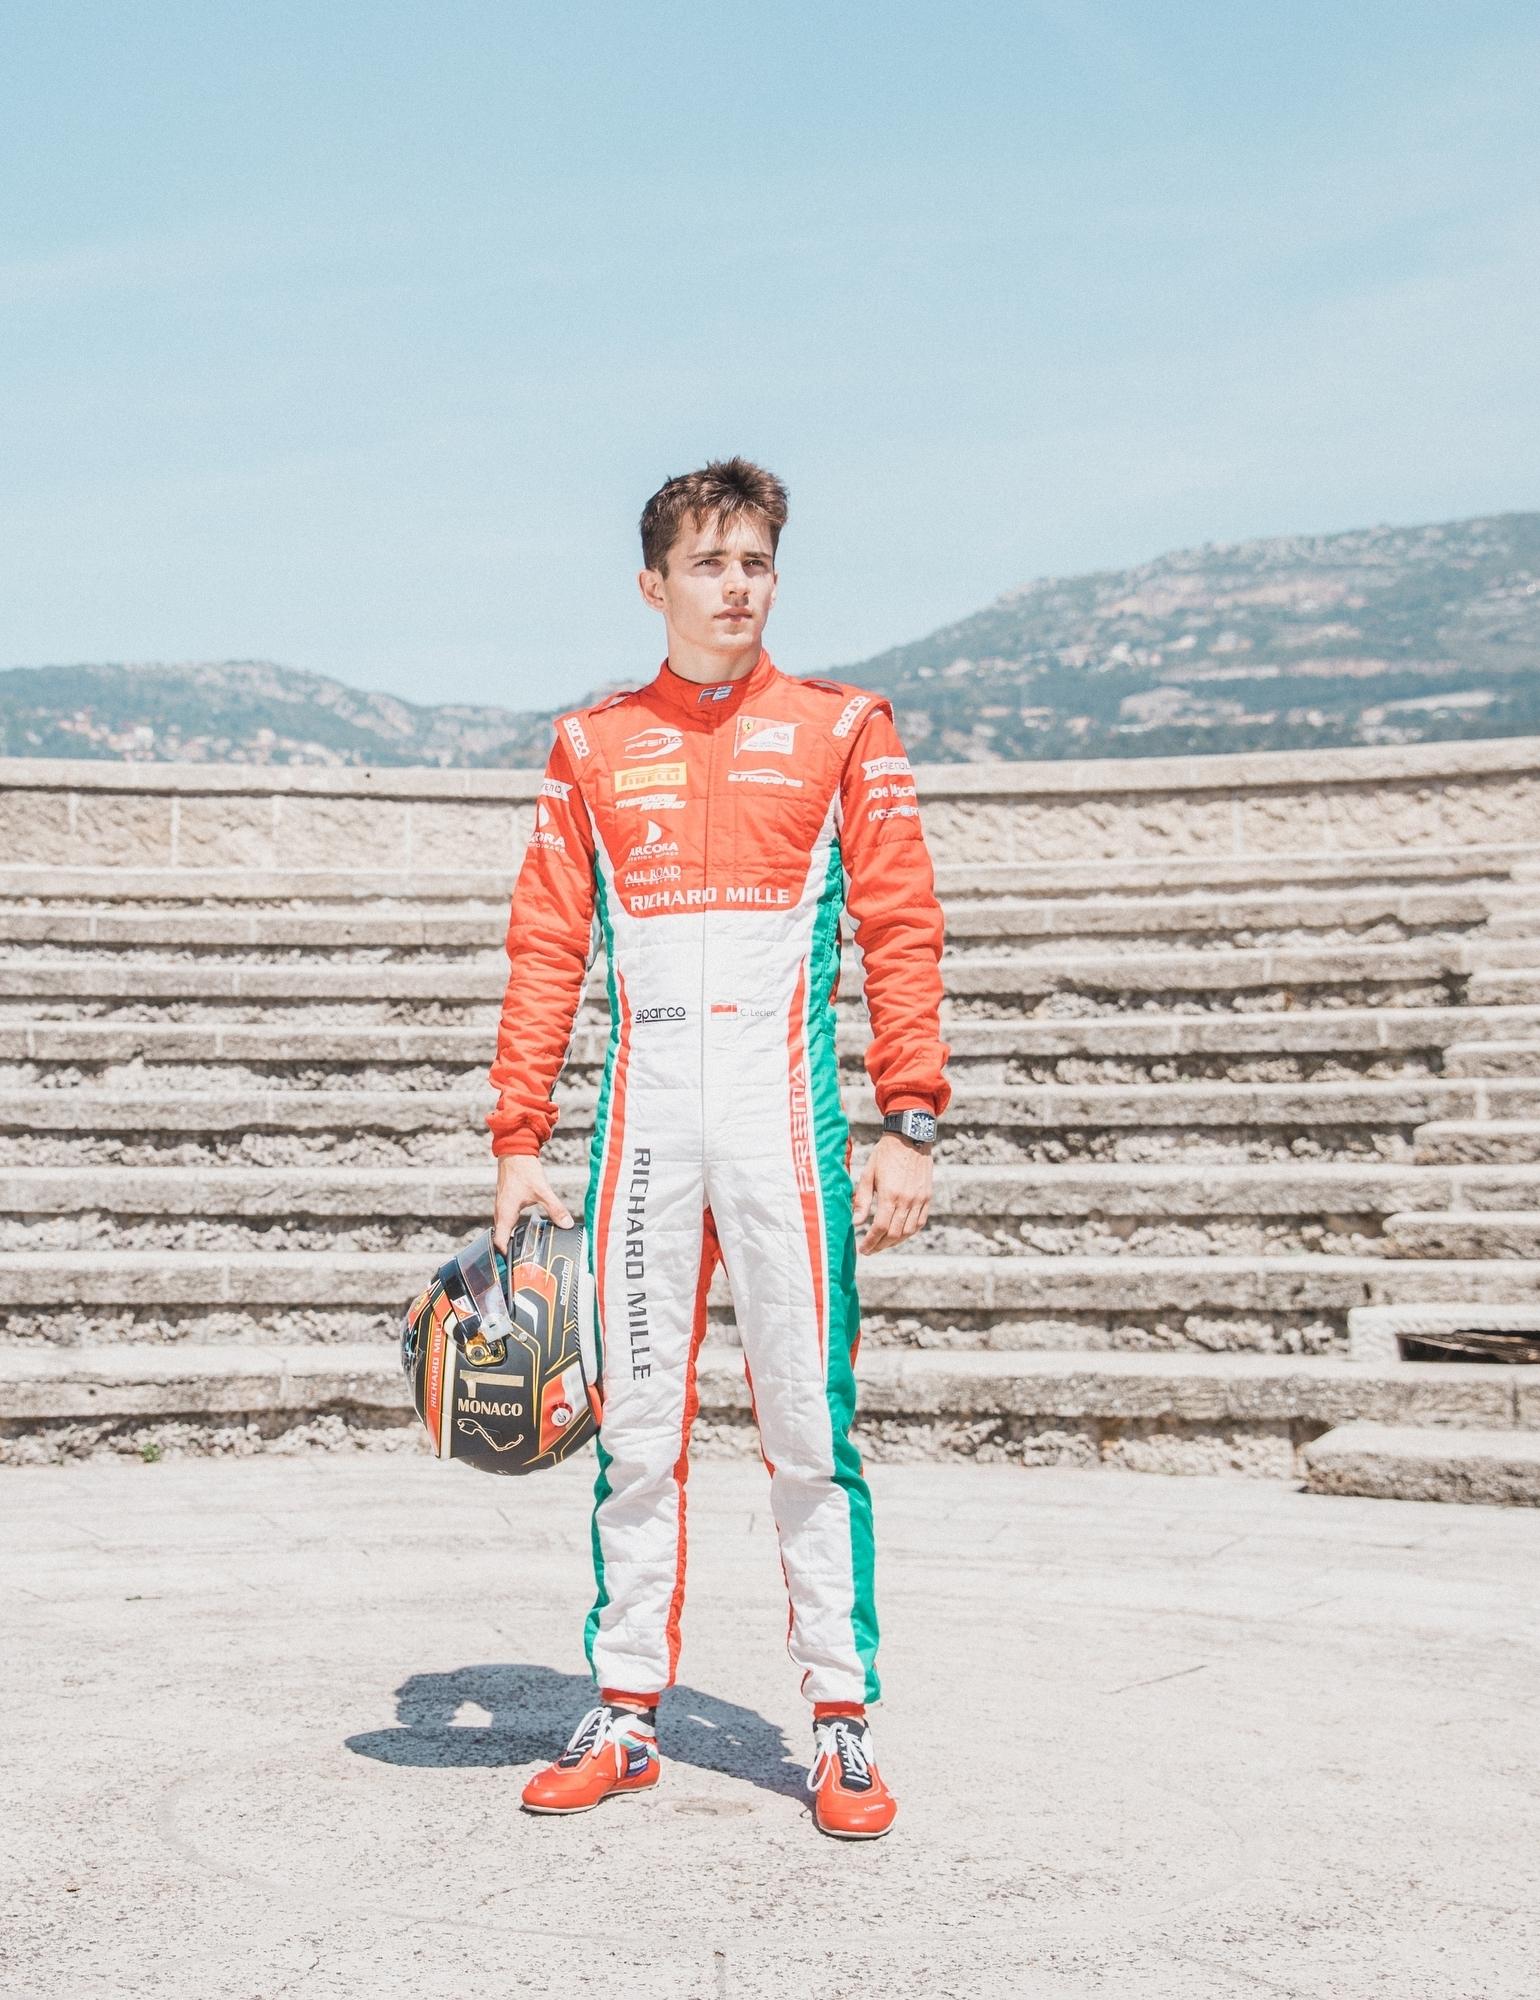 Charles Leclerc, Prema Racing. 2017 FIA Formula 2 Championship, Monte Carlo, Monaco.